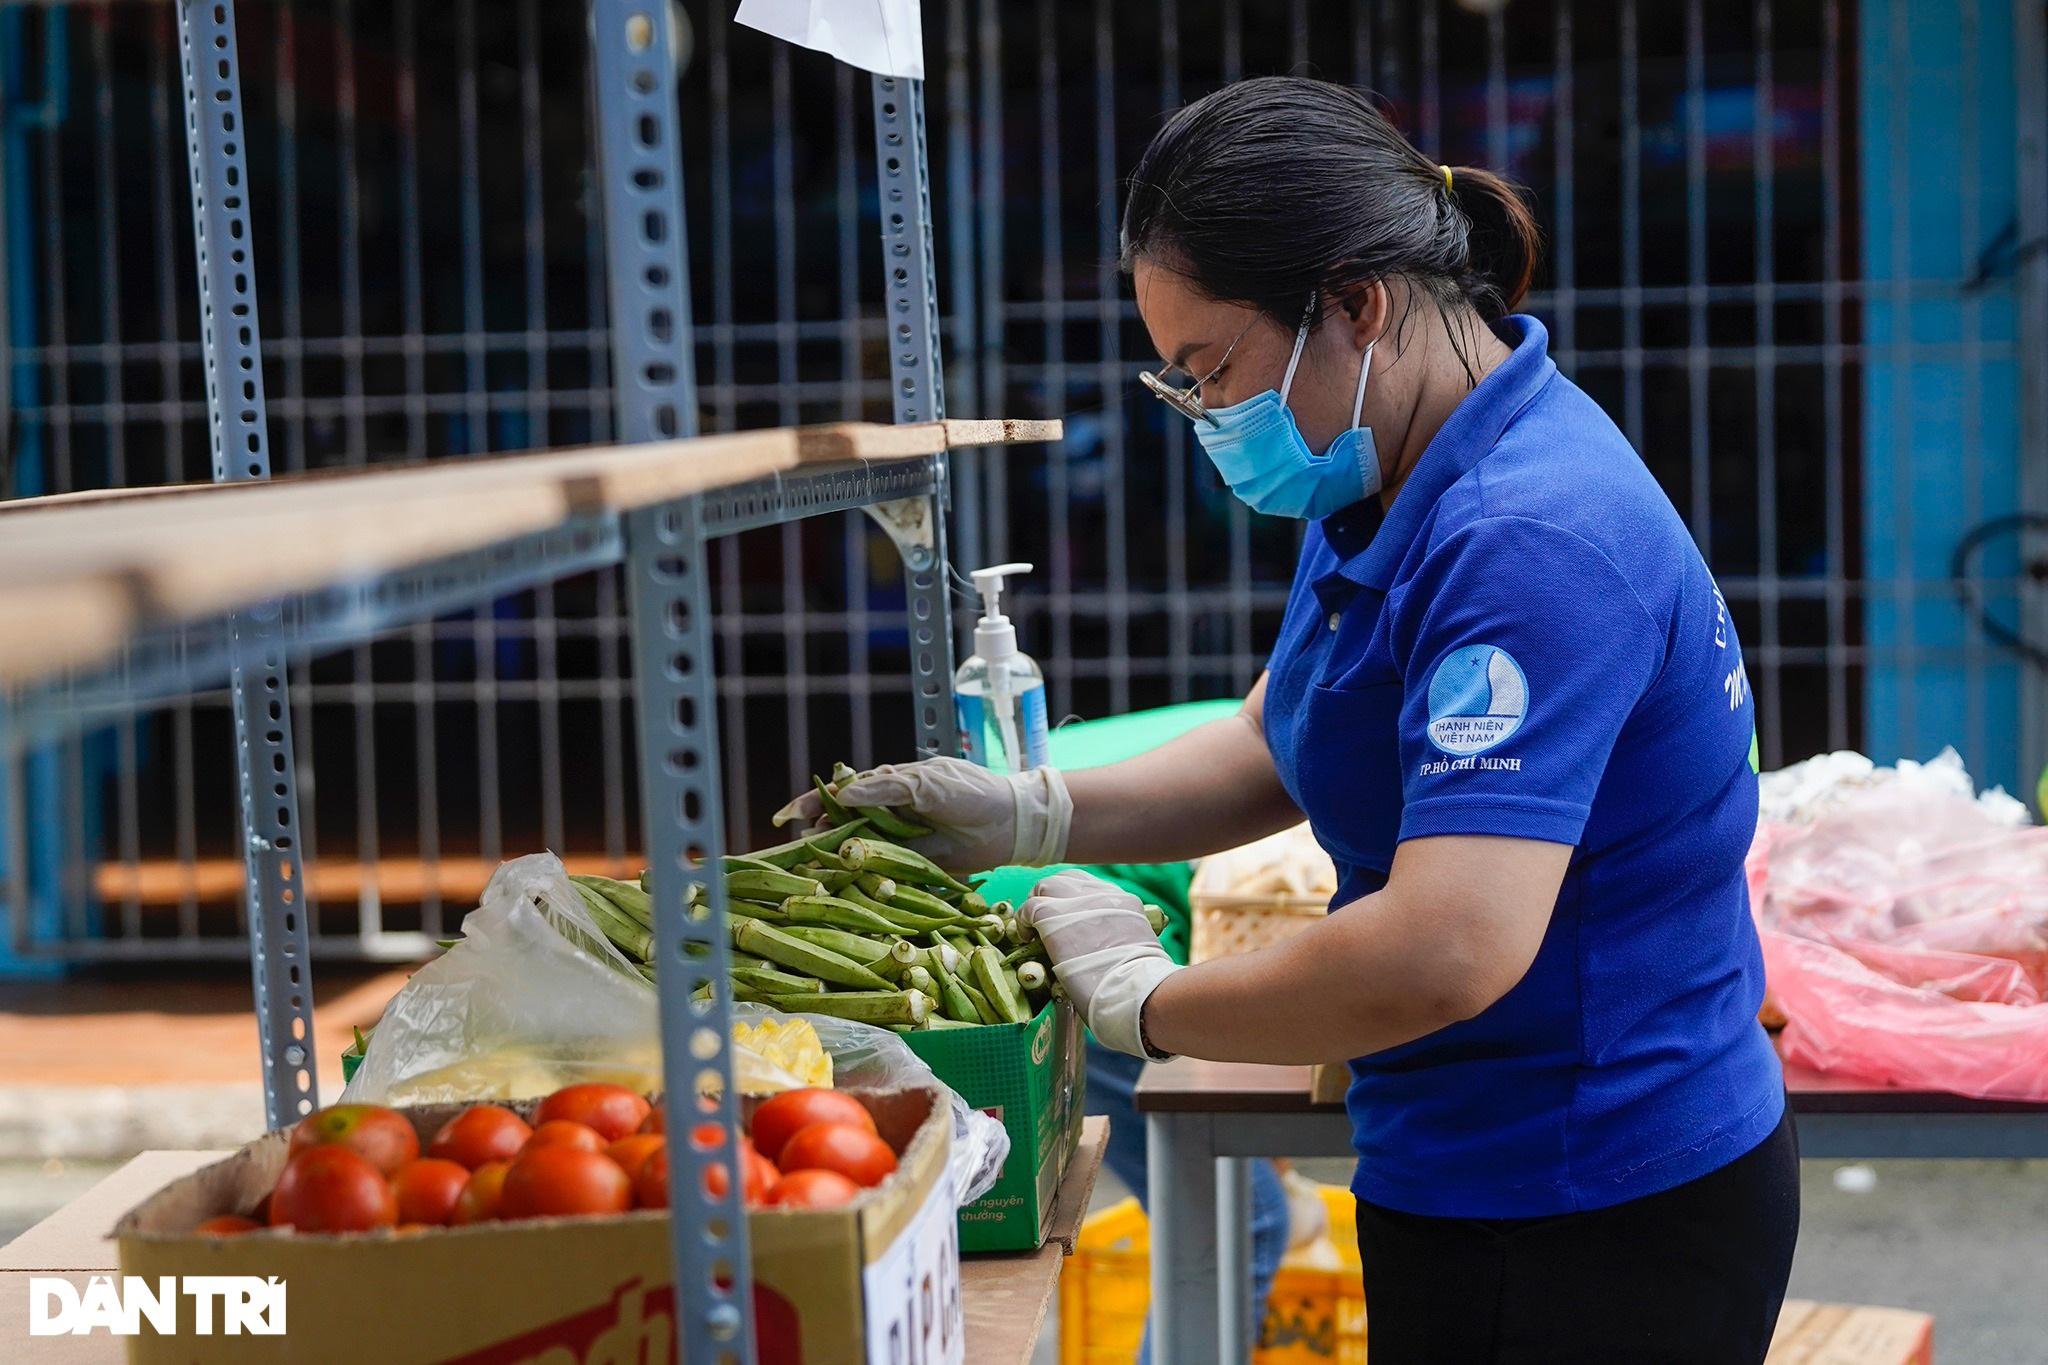 Cận cảnh siêu thị 0 đồng phục vụ người dân trong khu cách ly ở TPHCM - 2